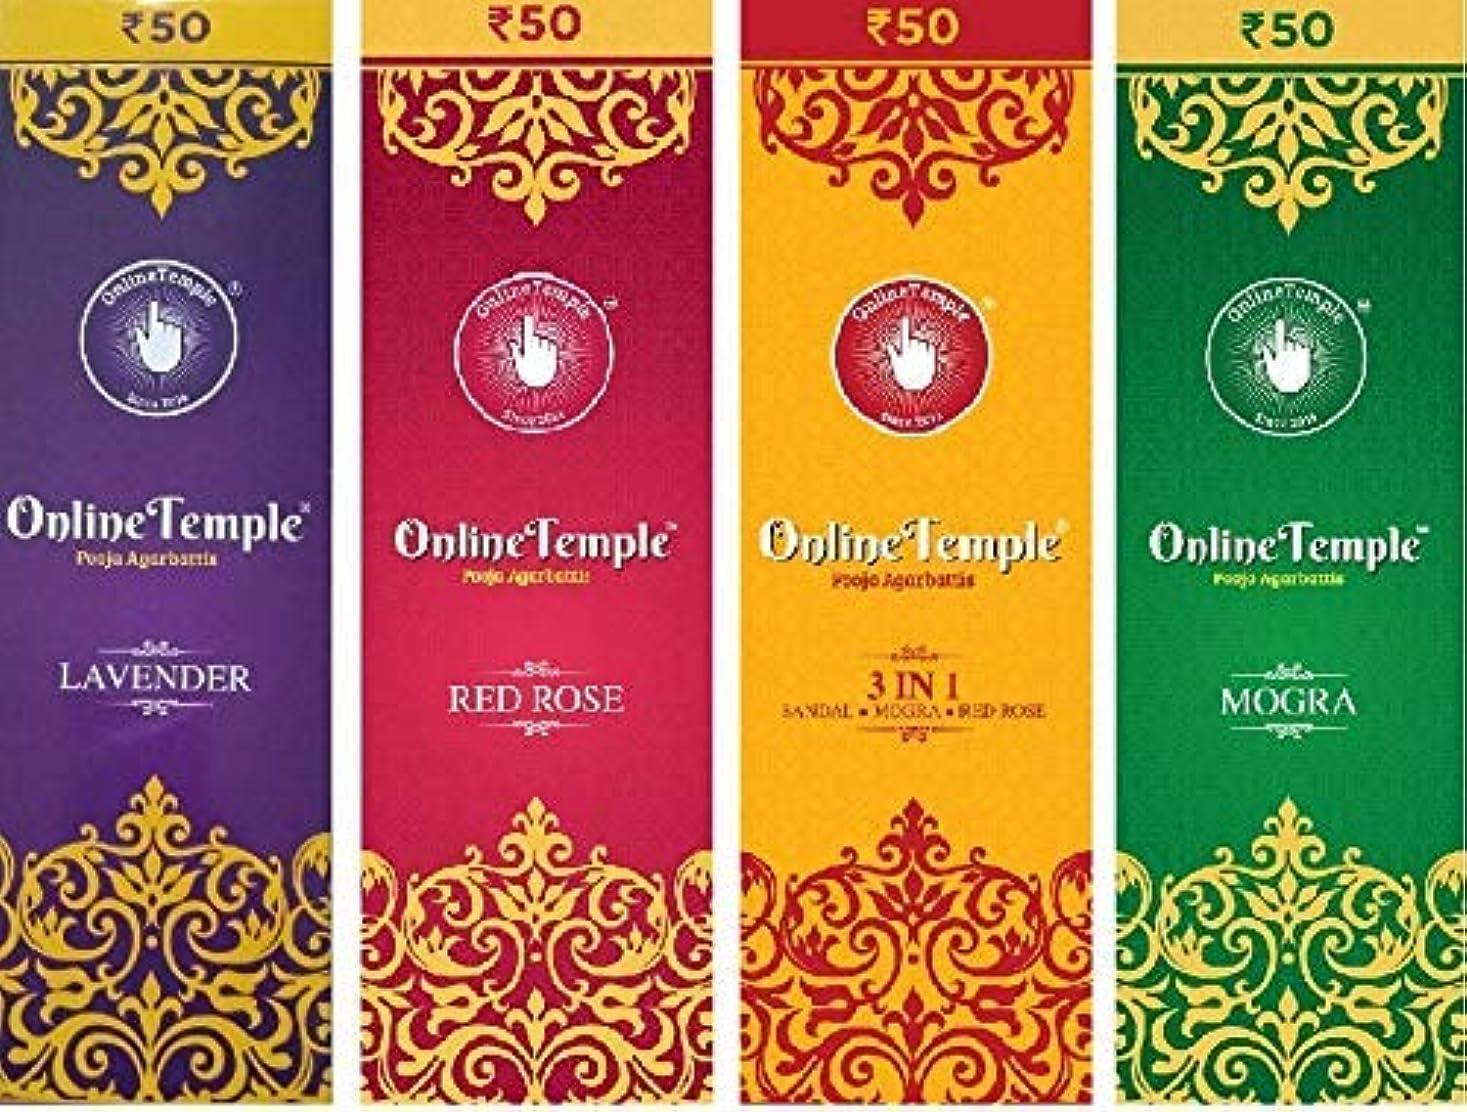 良さペチコート仮装Online Temple Pooja Agarbattis (Incense Stick),combo of (Lavender + Red rose + 3 in 1(Sandal, Mogra and Red Rose) + Mogra Fragrance), 400 gms